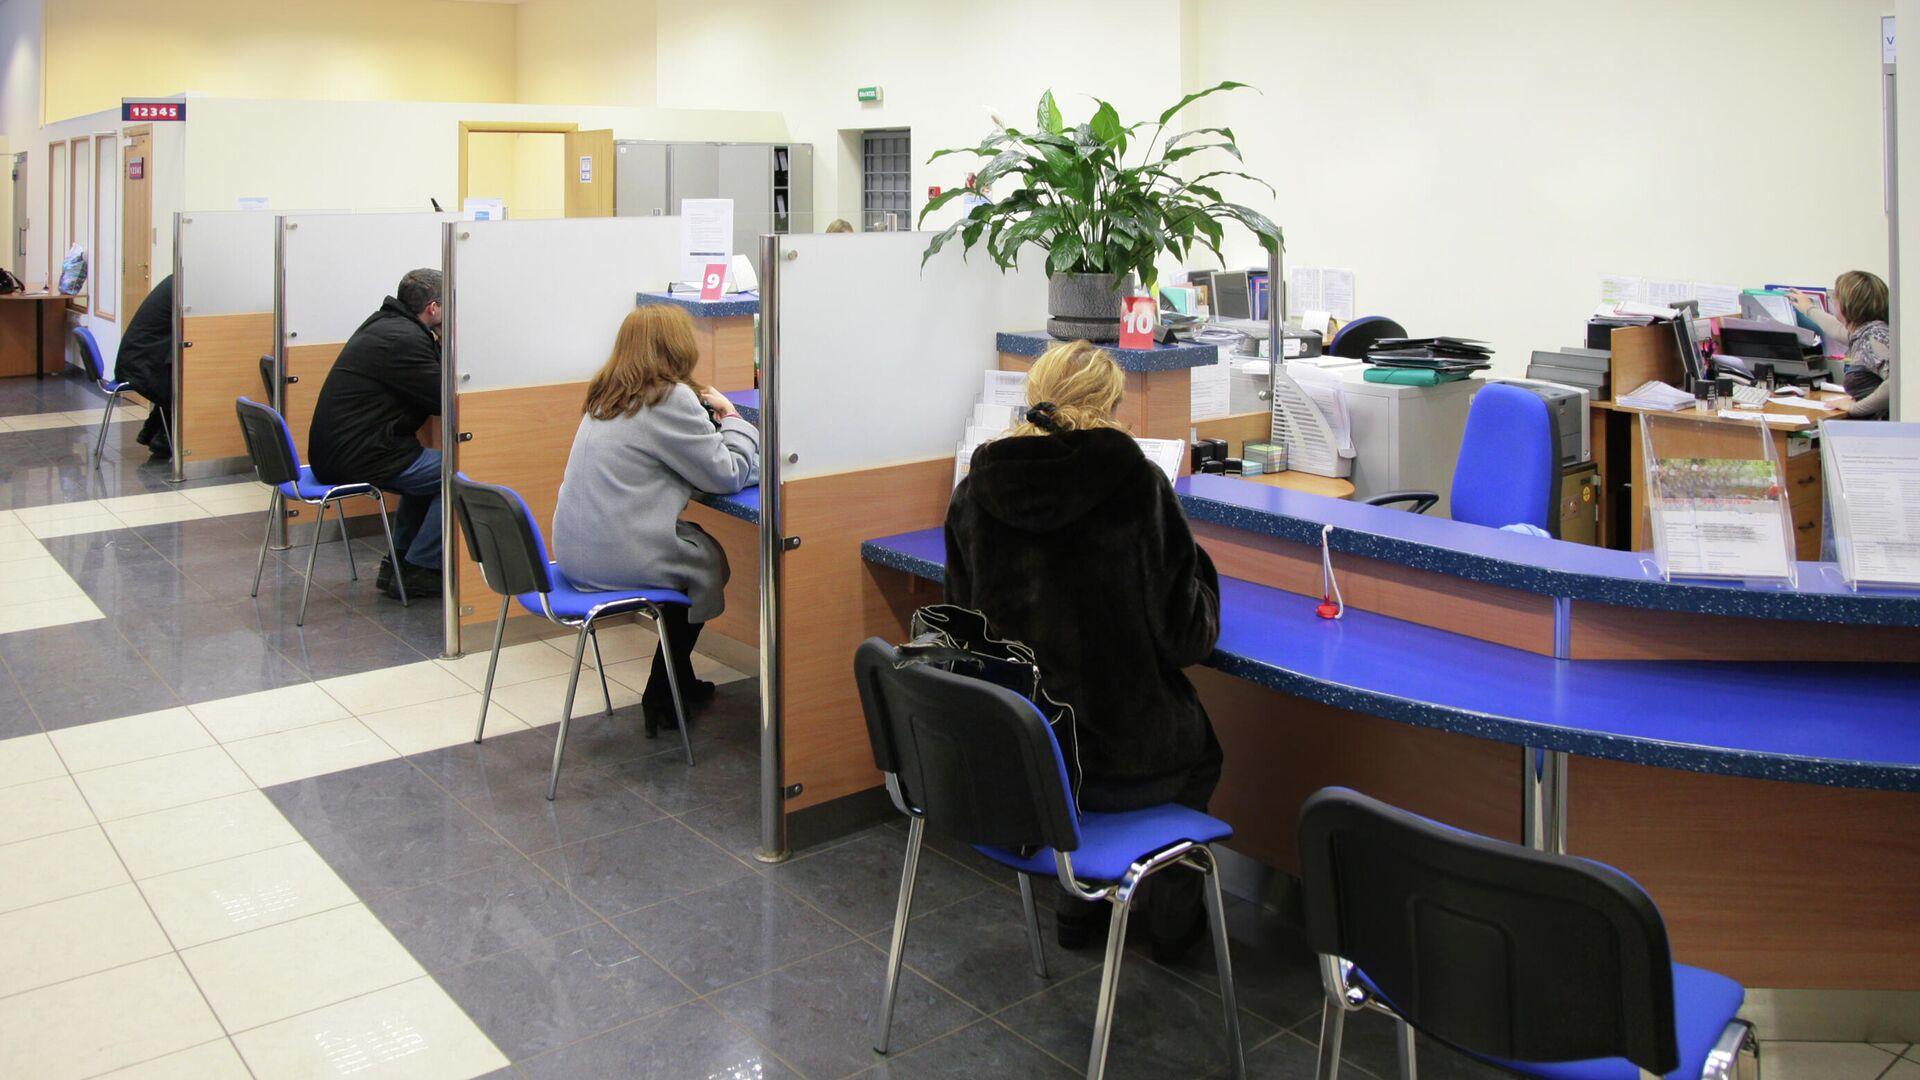 Посетители в отделении банка - РИА Новости, 1920, 16.04.2021